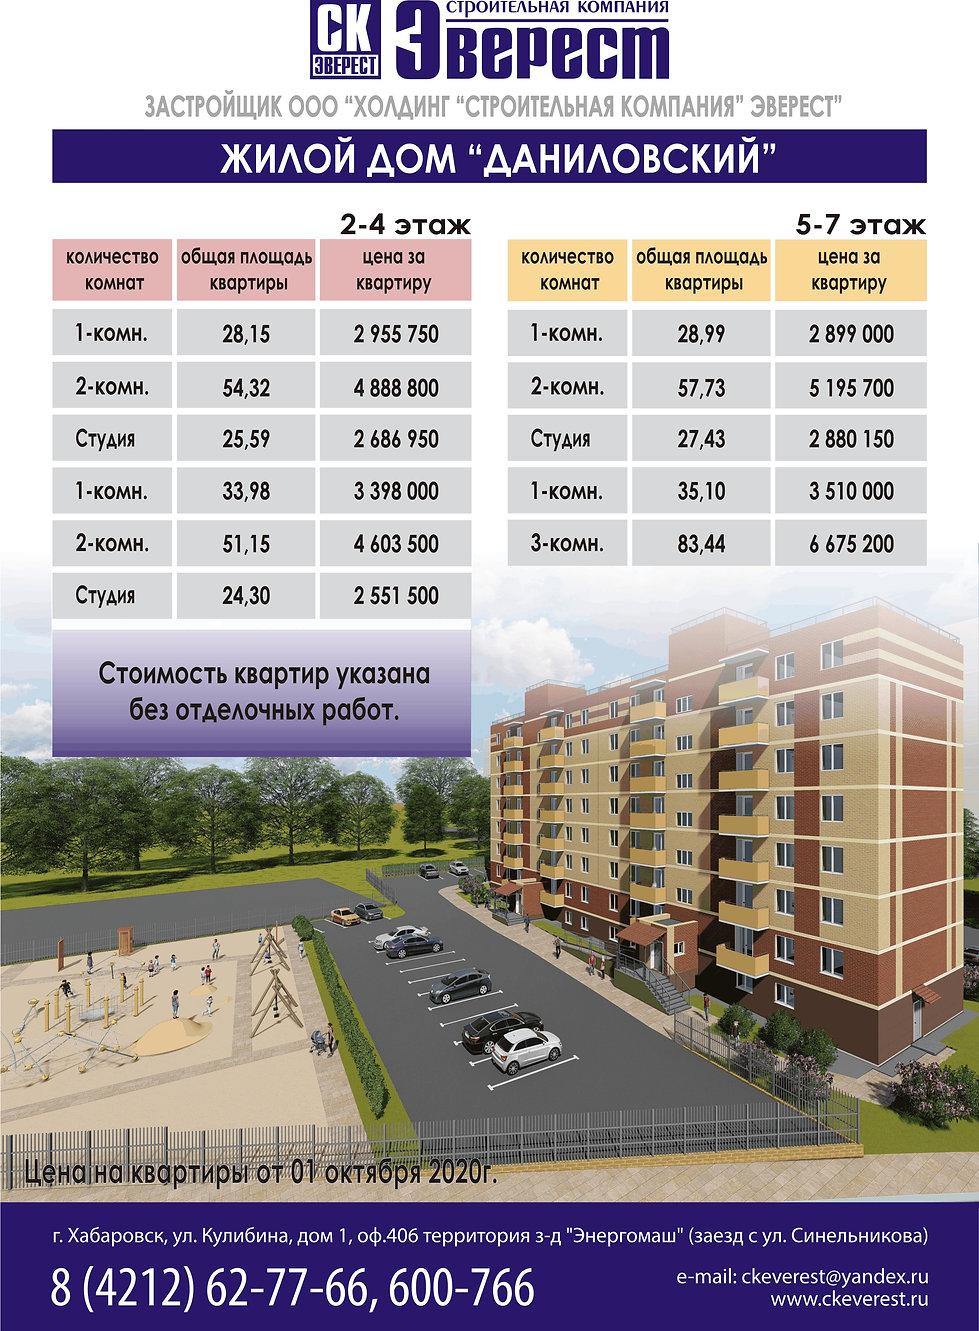 Даниловский ПРАЙС 19 01 2021_CMYK.jpg